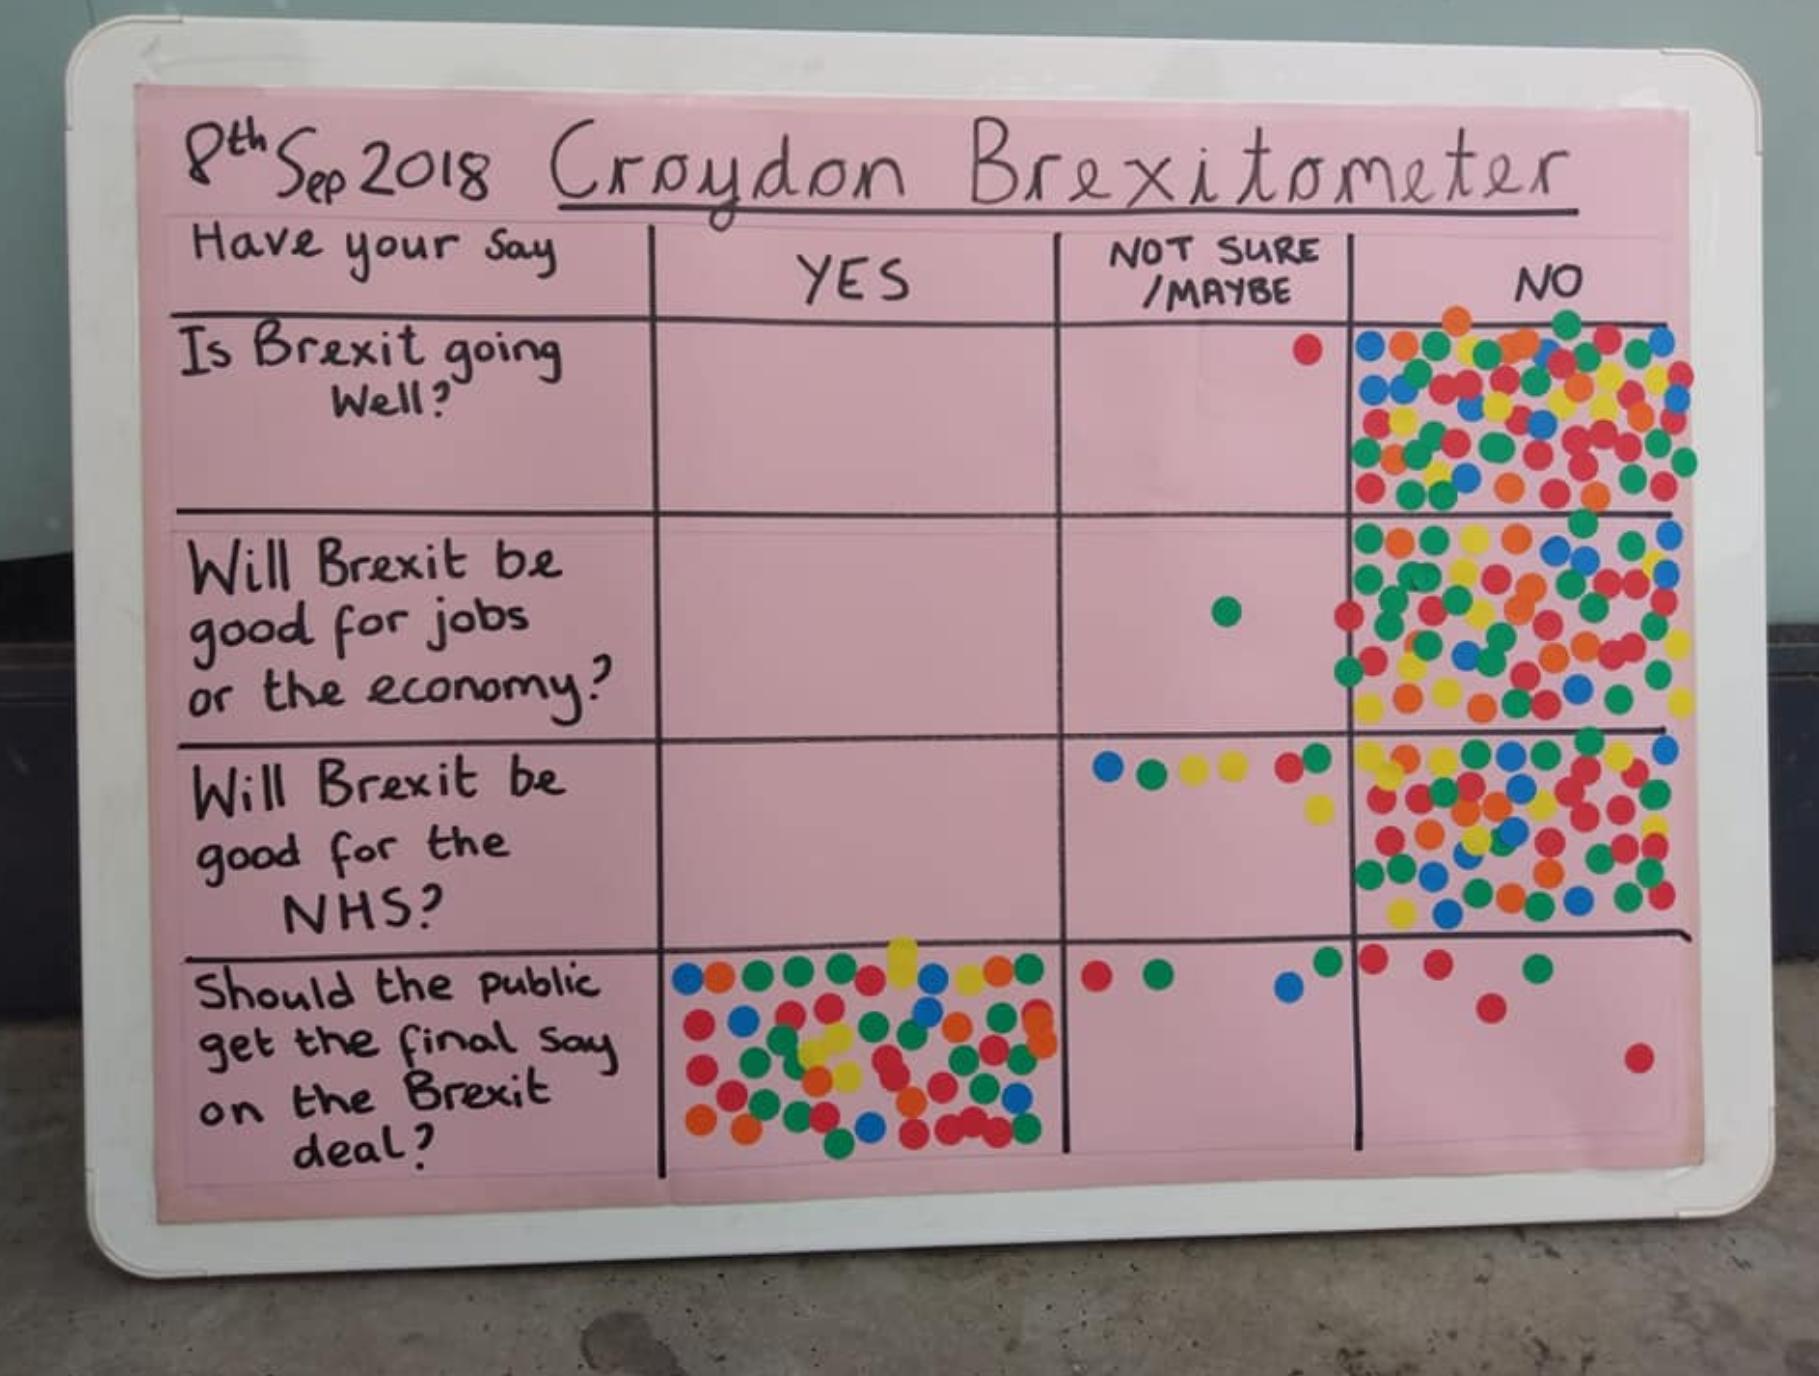 Croydon Brexitometer